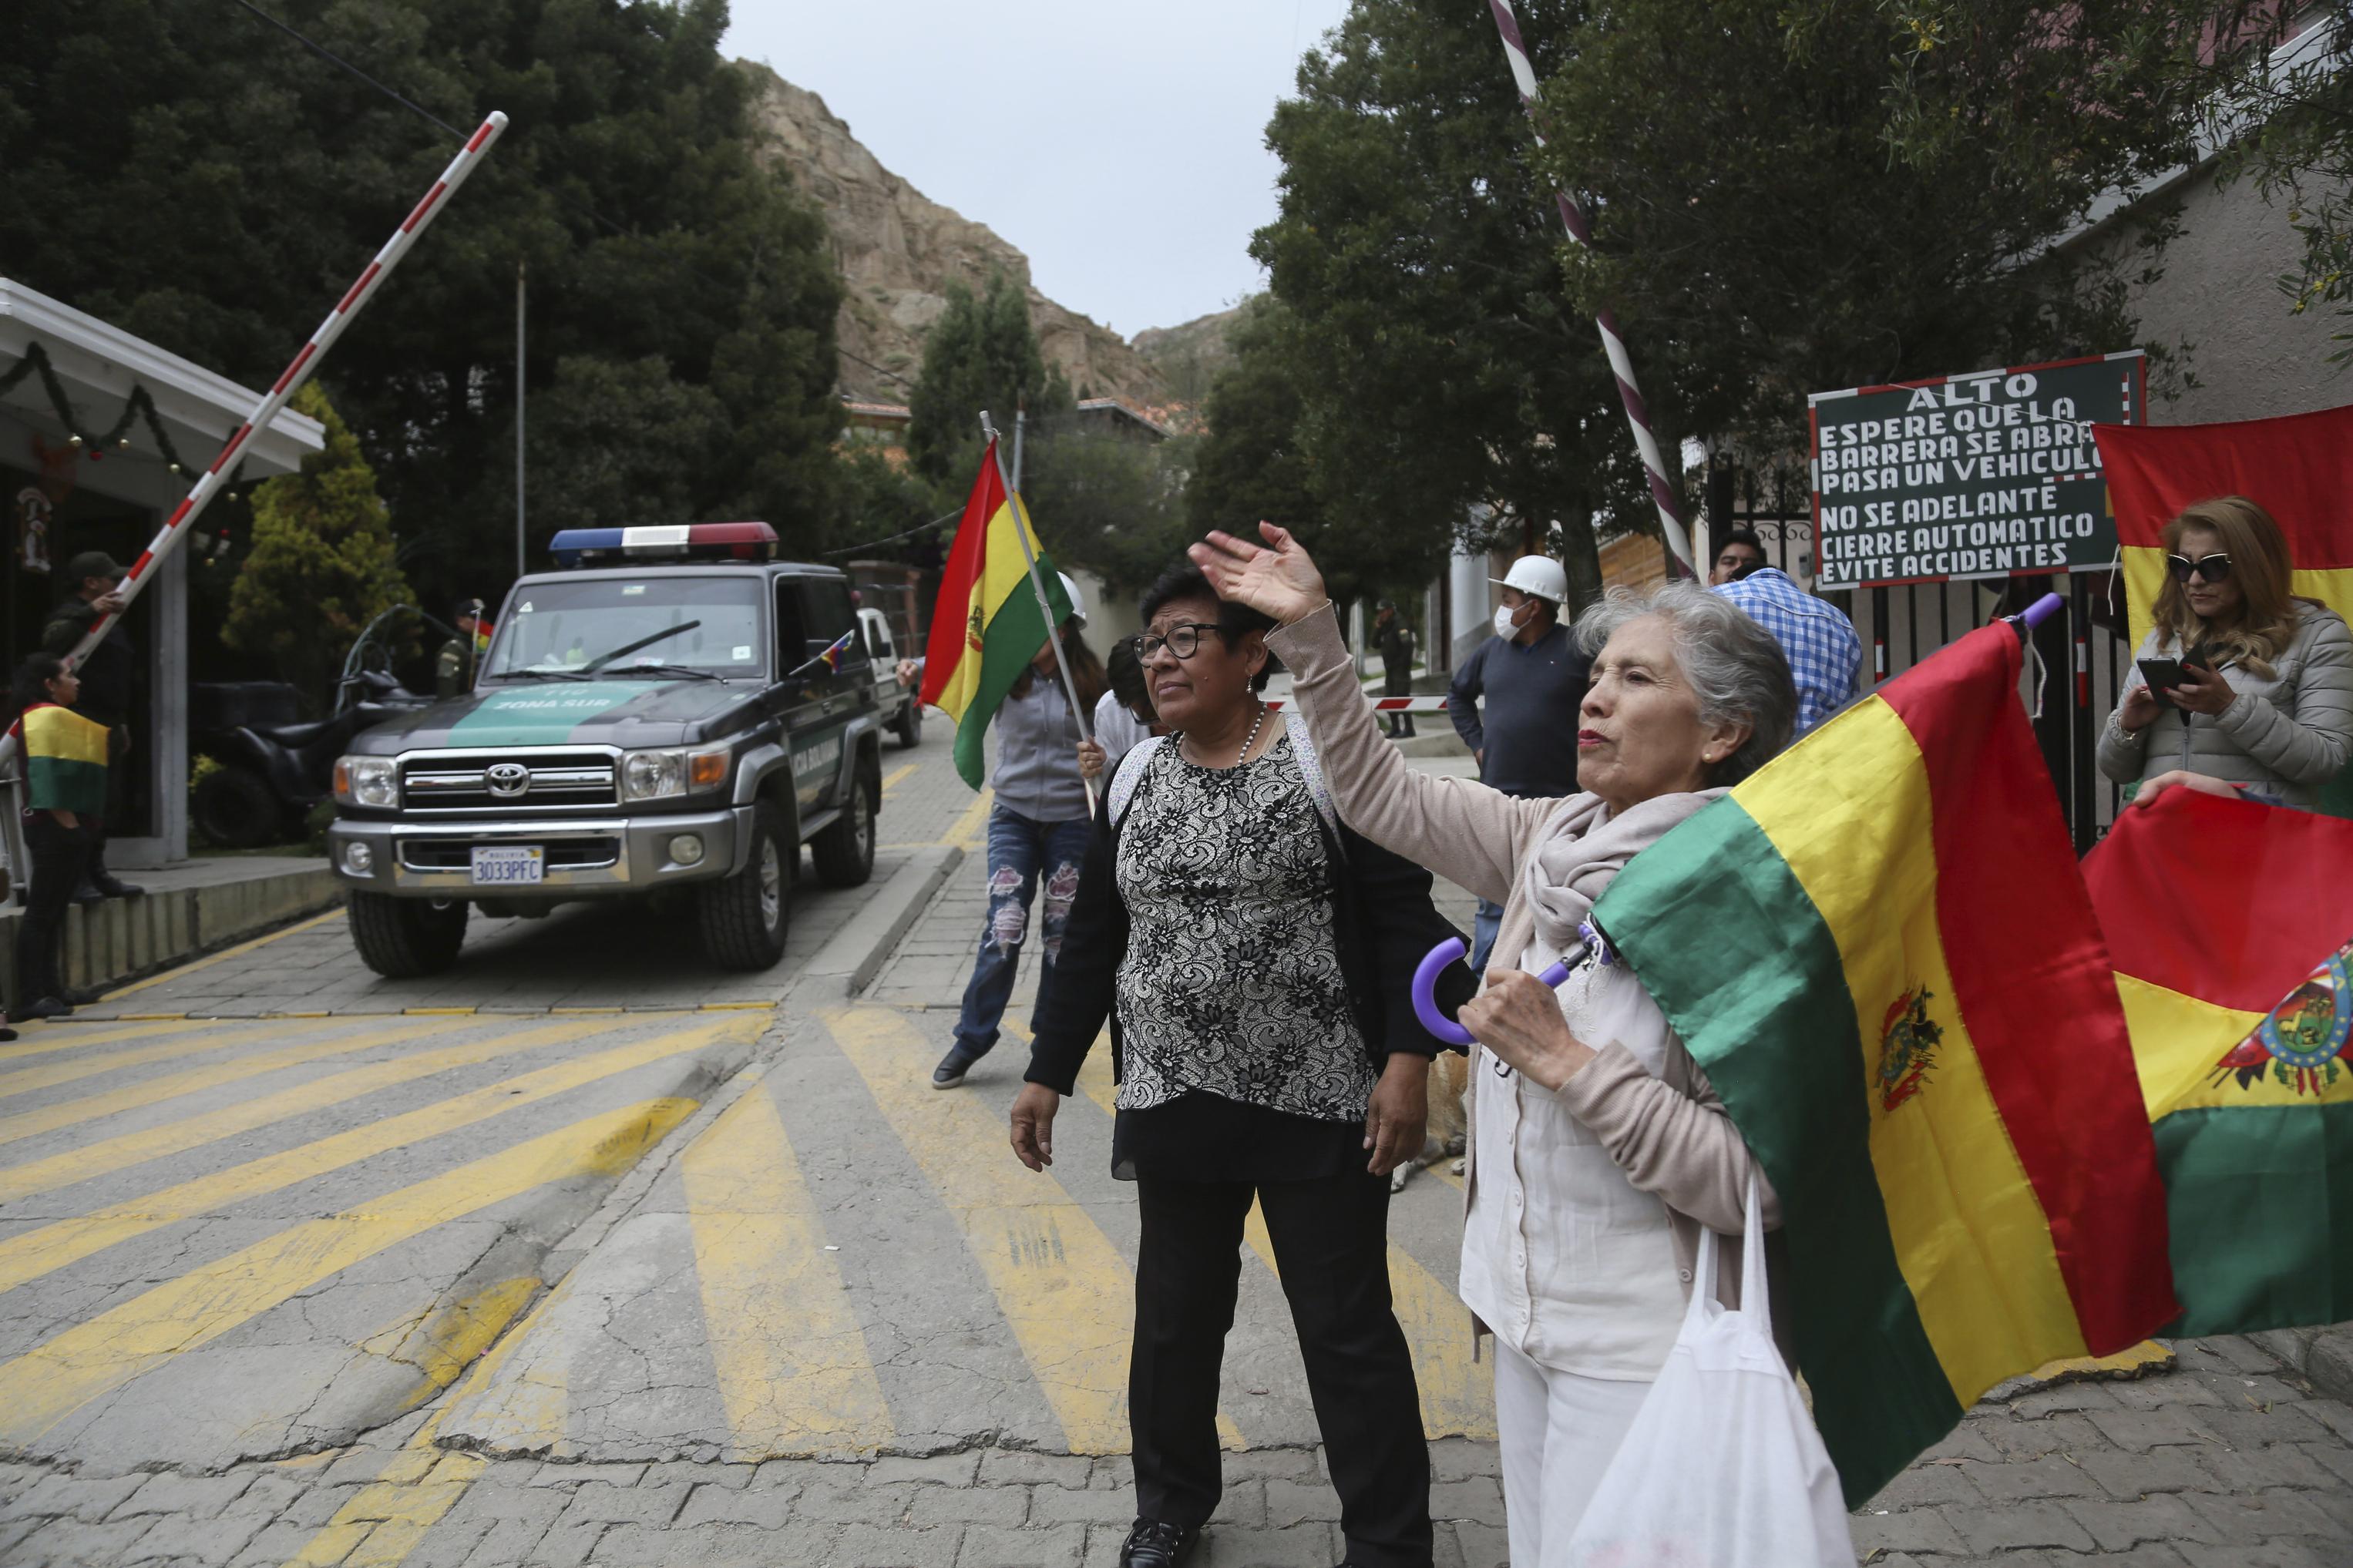 Bolivia says its expelling Mexican ambassador